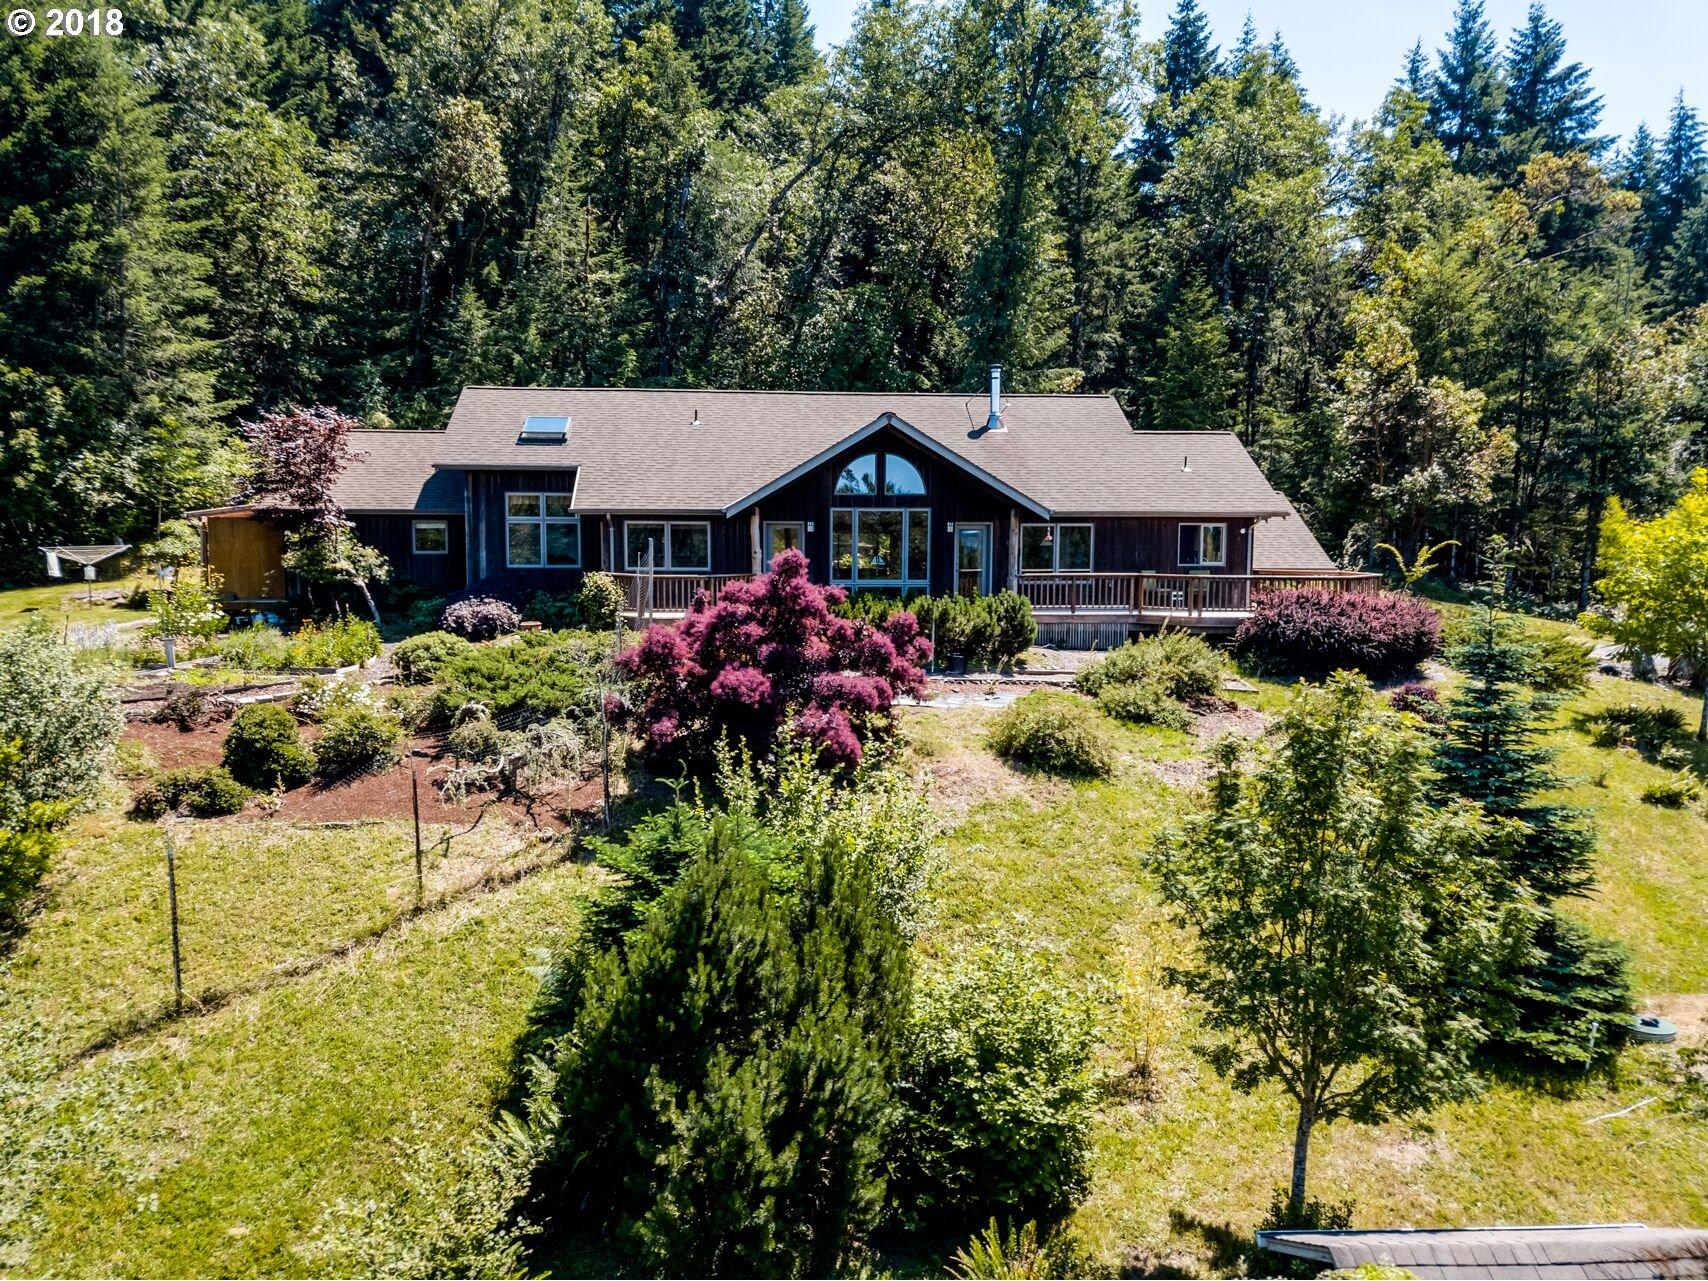 Eugene 2 Bedroom Home For Sale